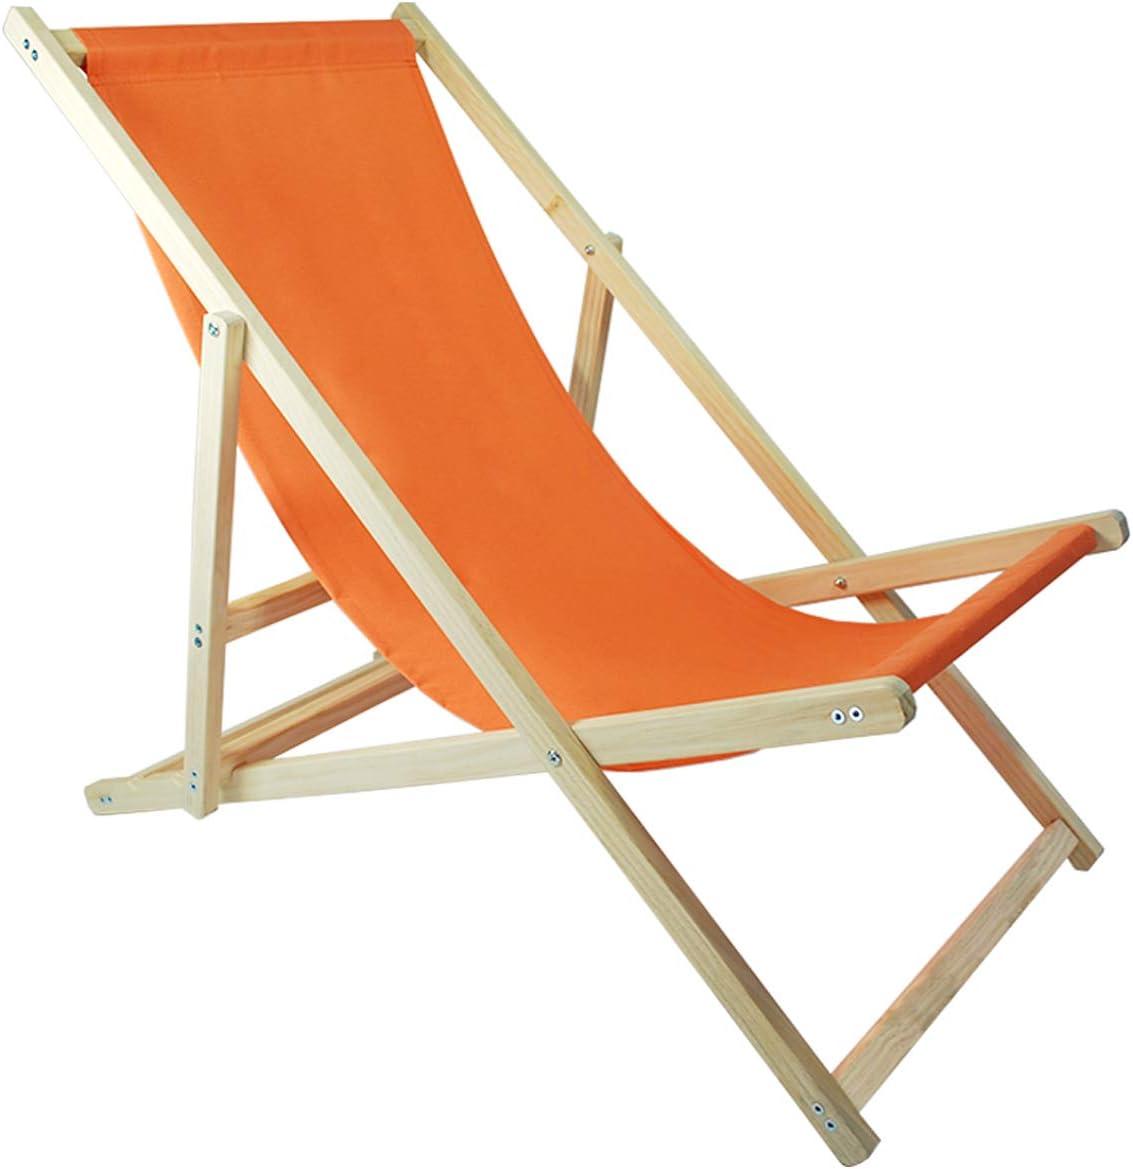 Sonnenstuhl Farbe: Blau wasserabweisender Bezug aus Oxford-Gewebe 3-Fach verstellbare Lehne Strandstuhl aus Kieferholz Helo Garten Strand Liegestuhl klappbar aus Holz bis 120 kg belastbar